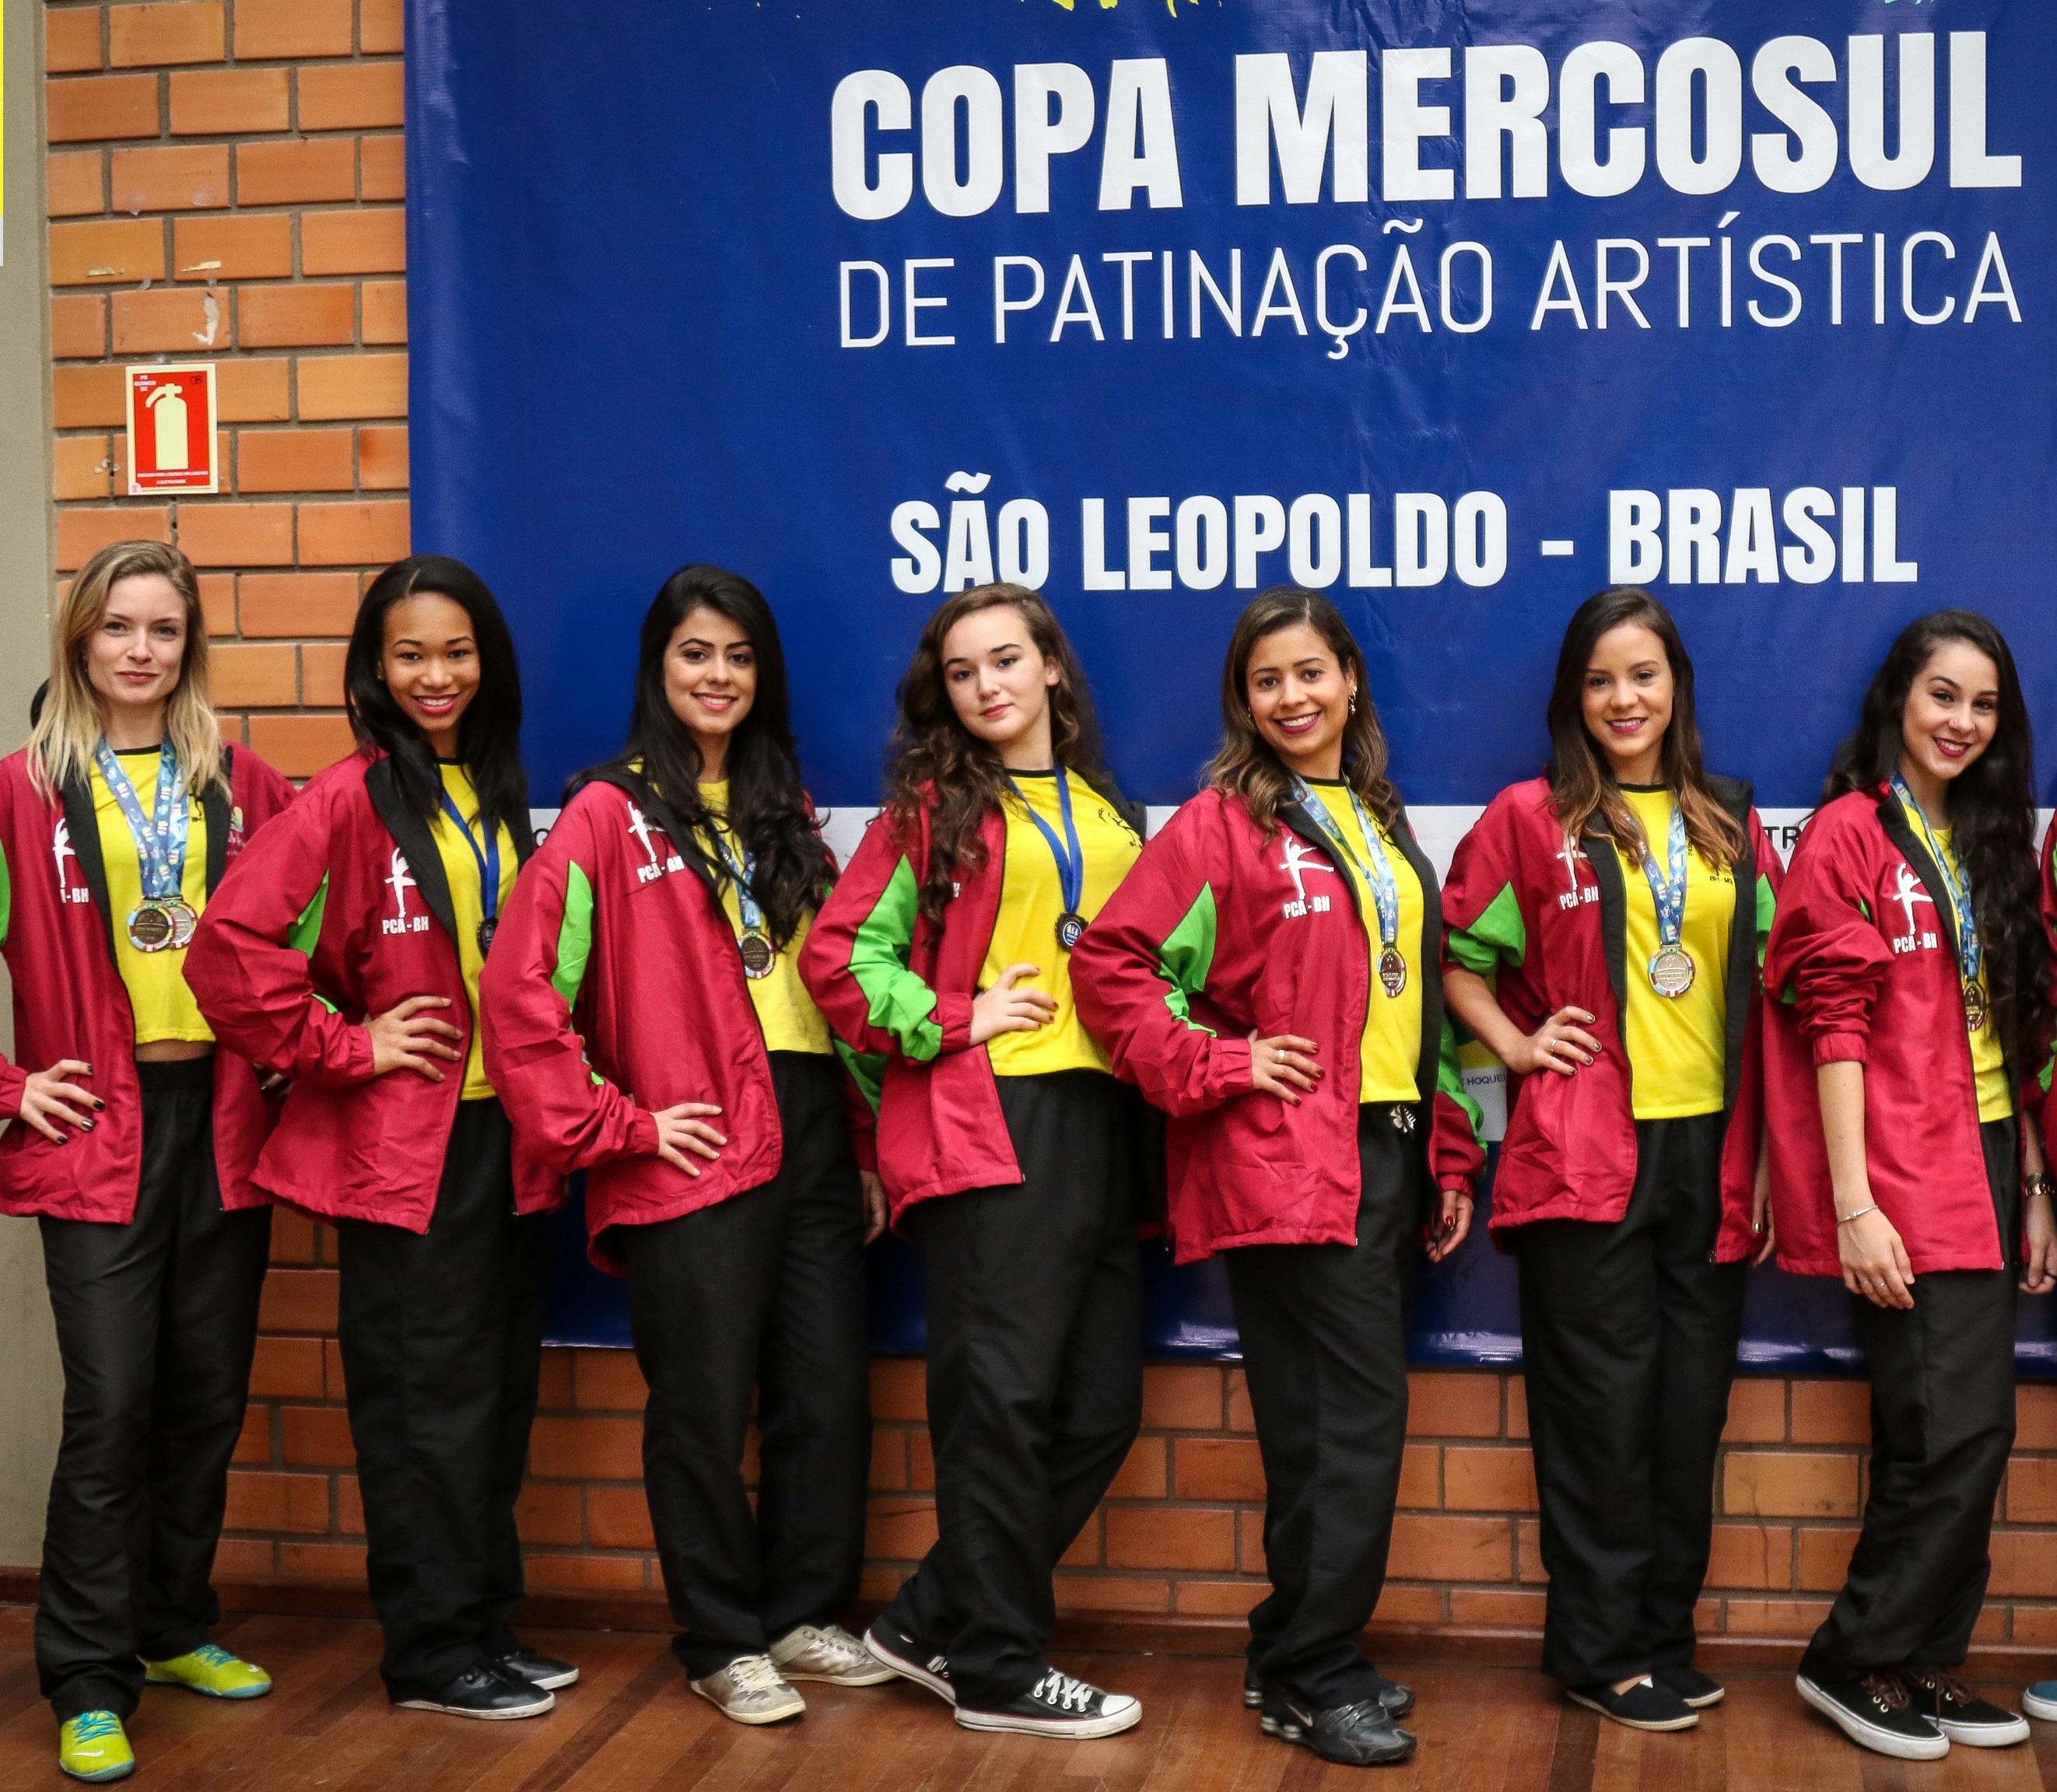 Luciana, Sara, Anelise, Catharina, Jordana, Camila e Marina